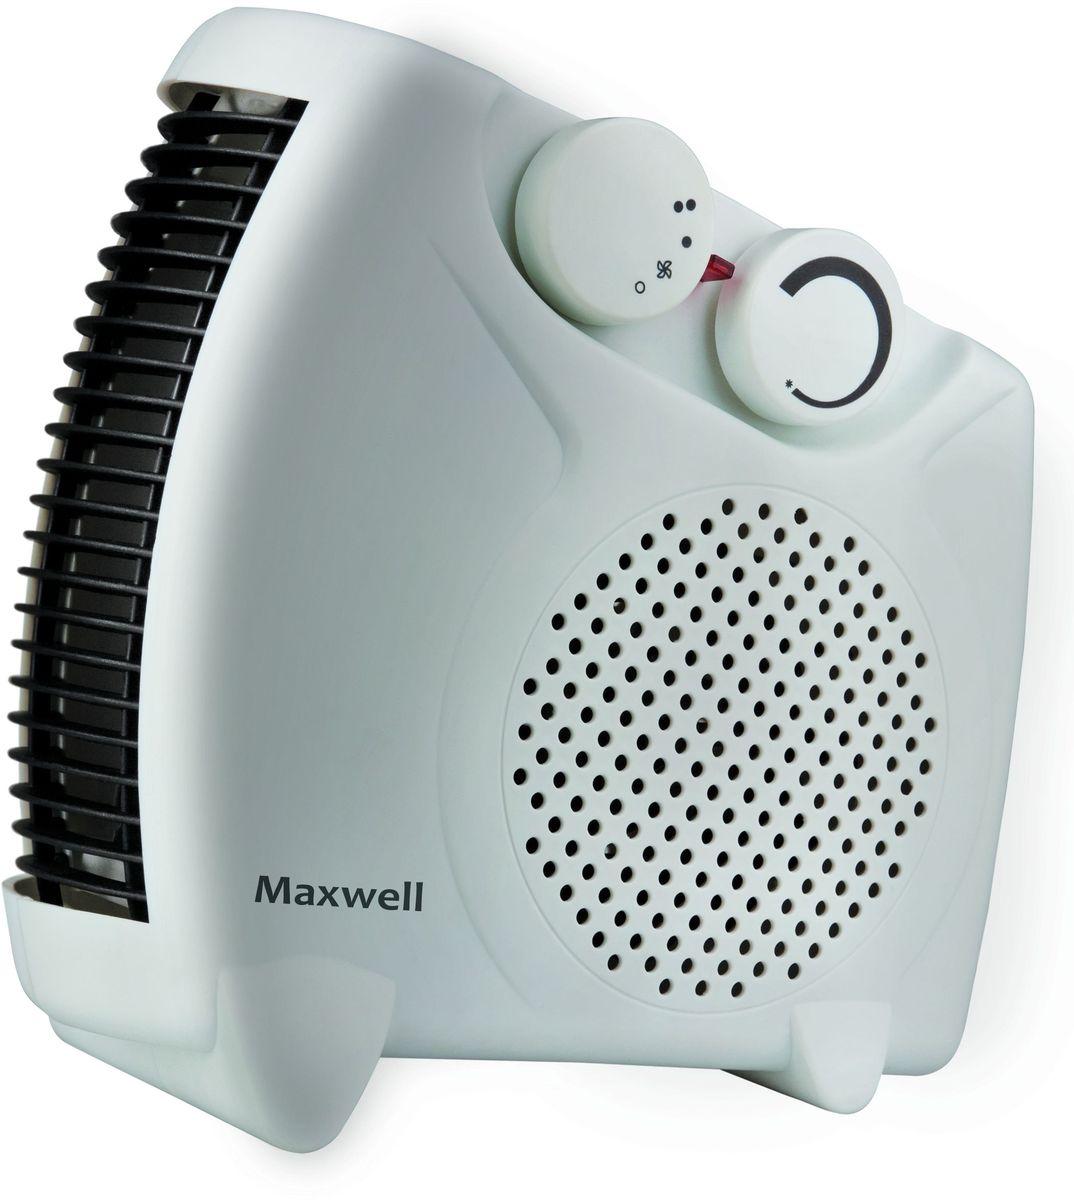 Maxwell MW-3453(W) тепловентиляторMW-3453(W)Тепловентилятор Maxwell MW-3453(W) служит для быстрого прогрева помещения с наименьшими затратами электроэнергии. Принудительно нагнетая горячий воздух, тепловентилятор заставляет его циркулировать, смешиваясь с холодным, благодаря чему прогрев помещения происходит значительно быстрее, чем в случае обычных обогревателей. Тепловентилятор Maxwell MW-3453(W)может работать в режиме обычного вентилятора, а также нагнетать теплый или горячий воздух. Используя разные режимы работы можно добиться установления в помещении устойчивого и комфортного микроклимата. Материал корпуса - термостойкий пластик абсолютно безвреден и соответствует всем стандартам безопасности. 3 режима работыРежим вентилятора без нагрева, режим теплого потока воздуха и режим горячего потока воздуха.